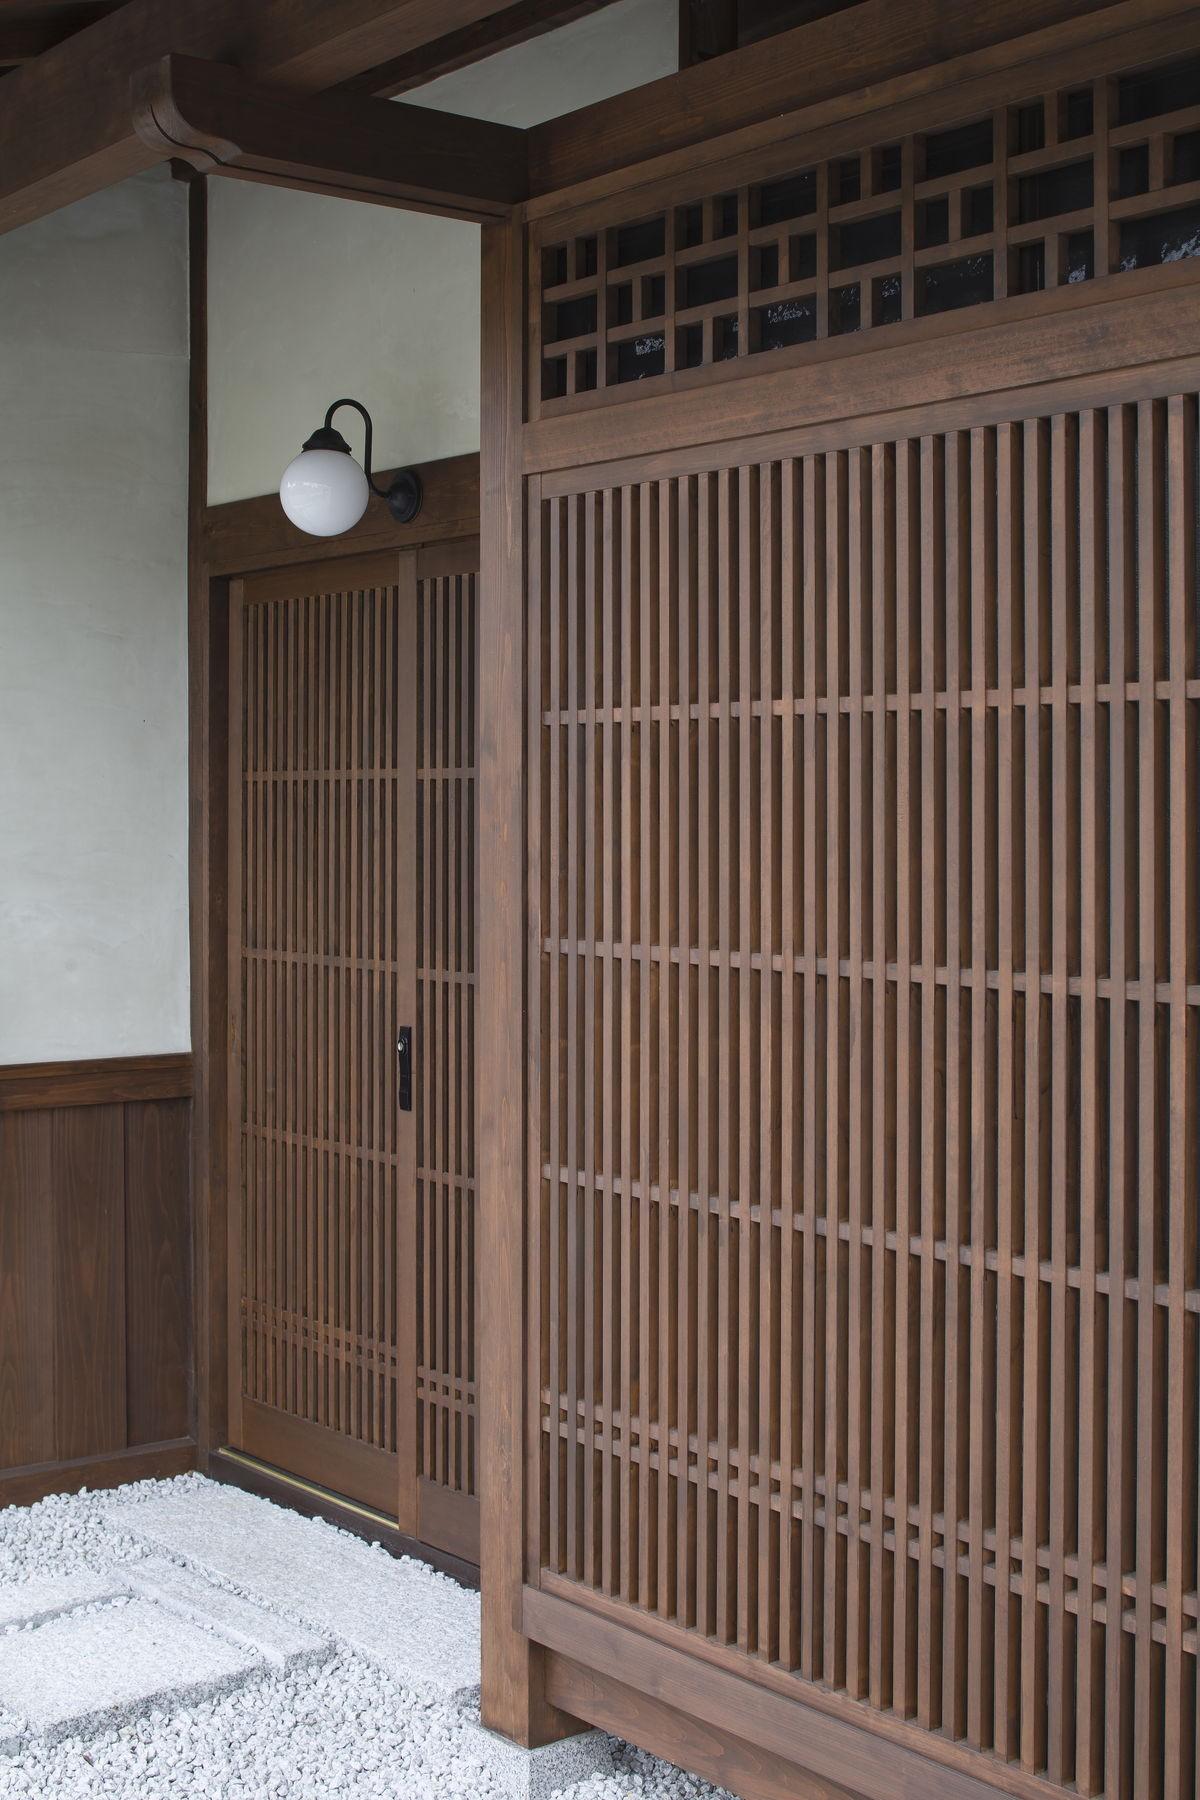 玄関事例:佐保路の家||奈良町家のリノベーション(佐保路の家|奈良町家のリノベーション【奈良市】)